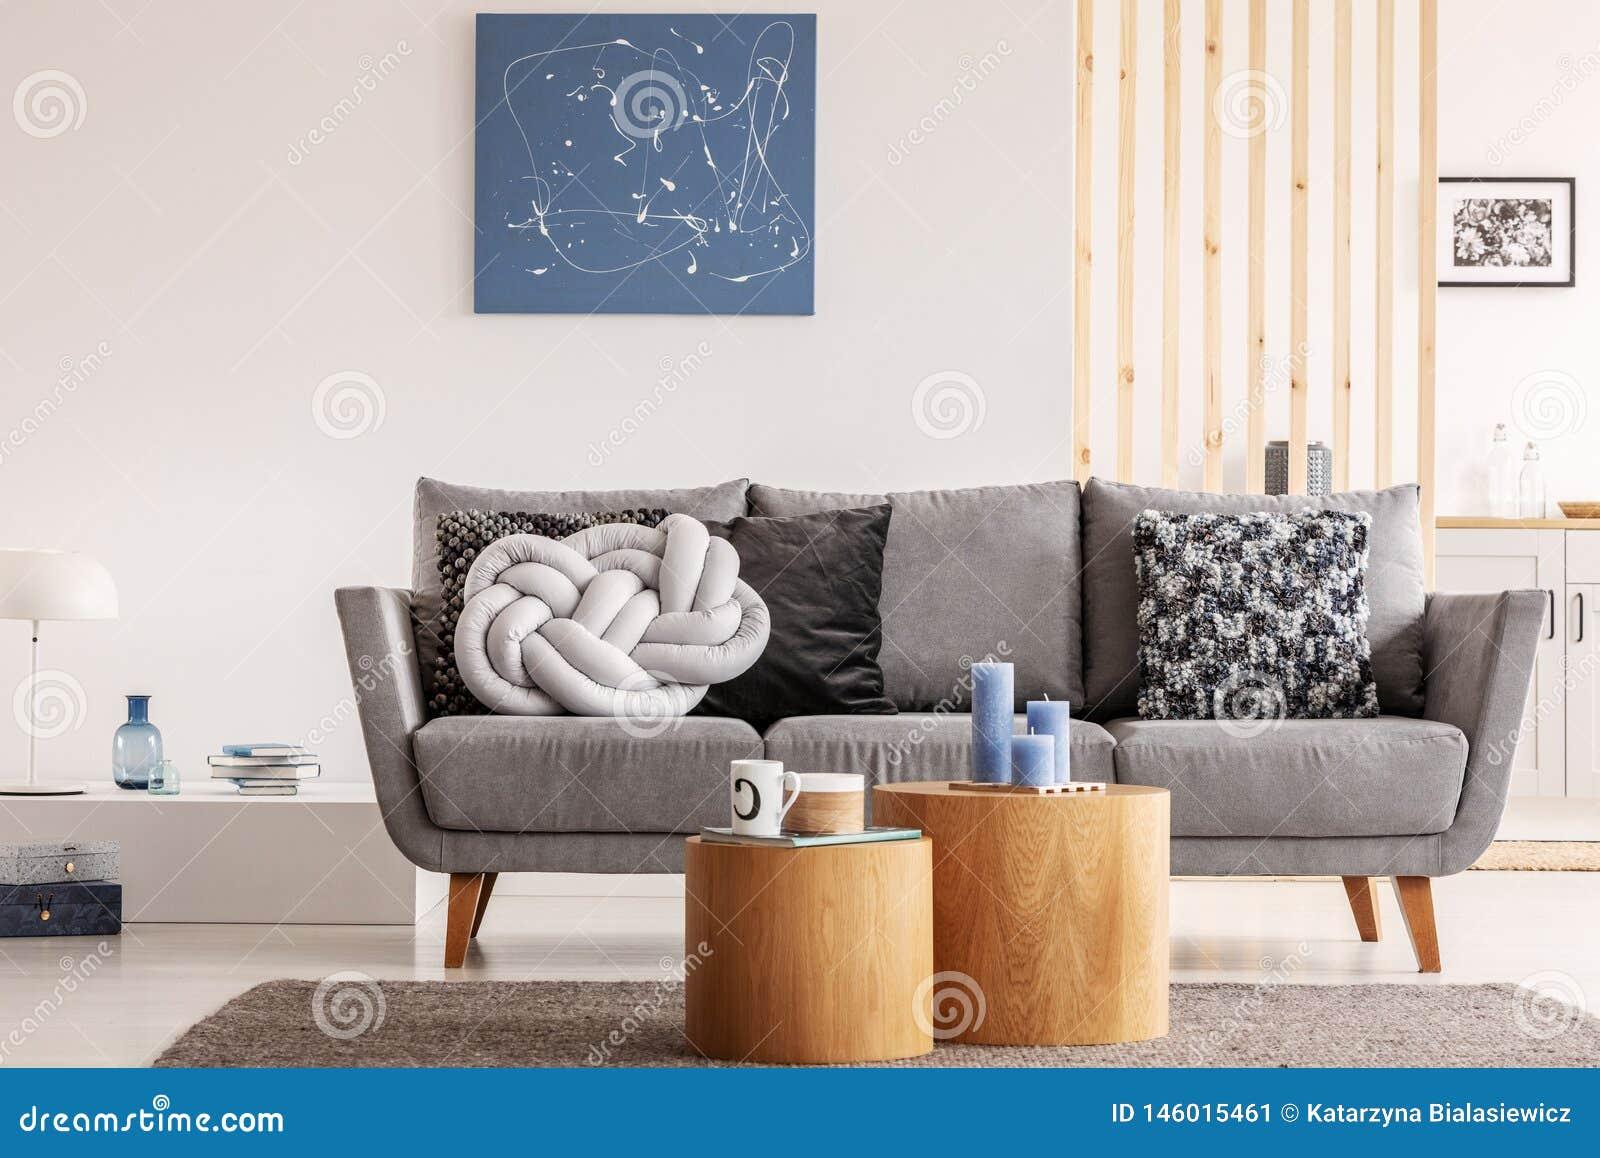 Peinture Bleue Sur Le Mur Blanc Du Salon Contemporain